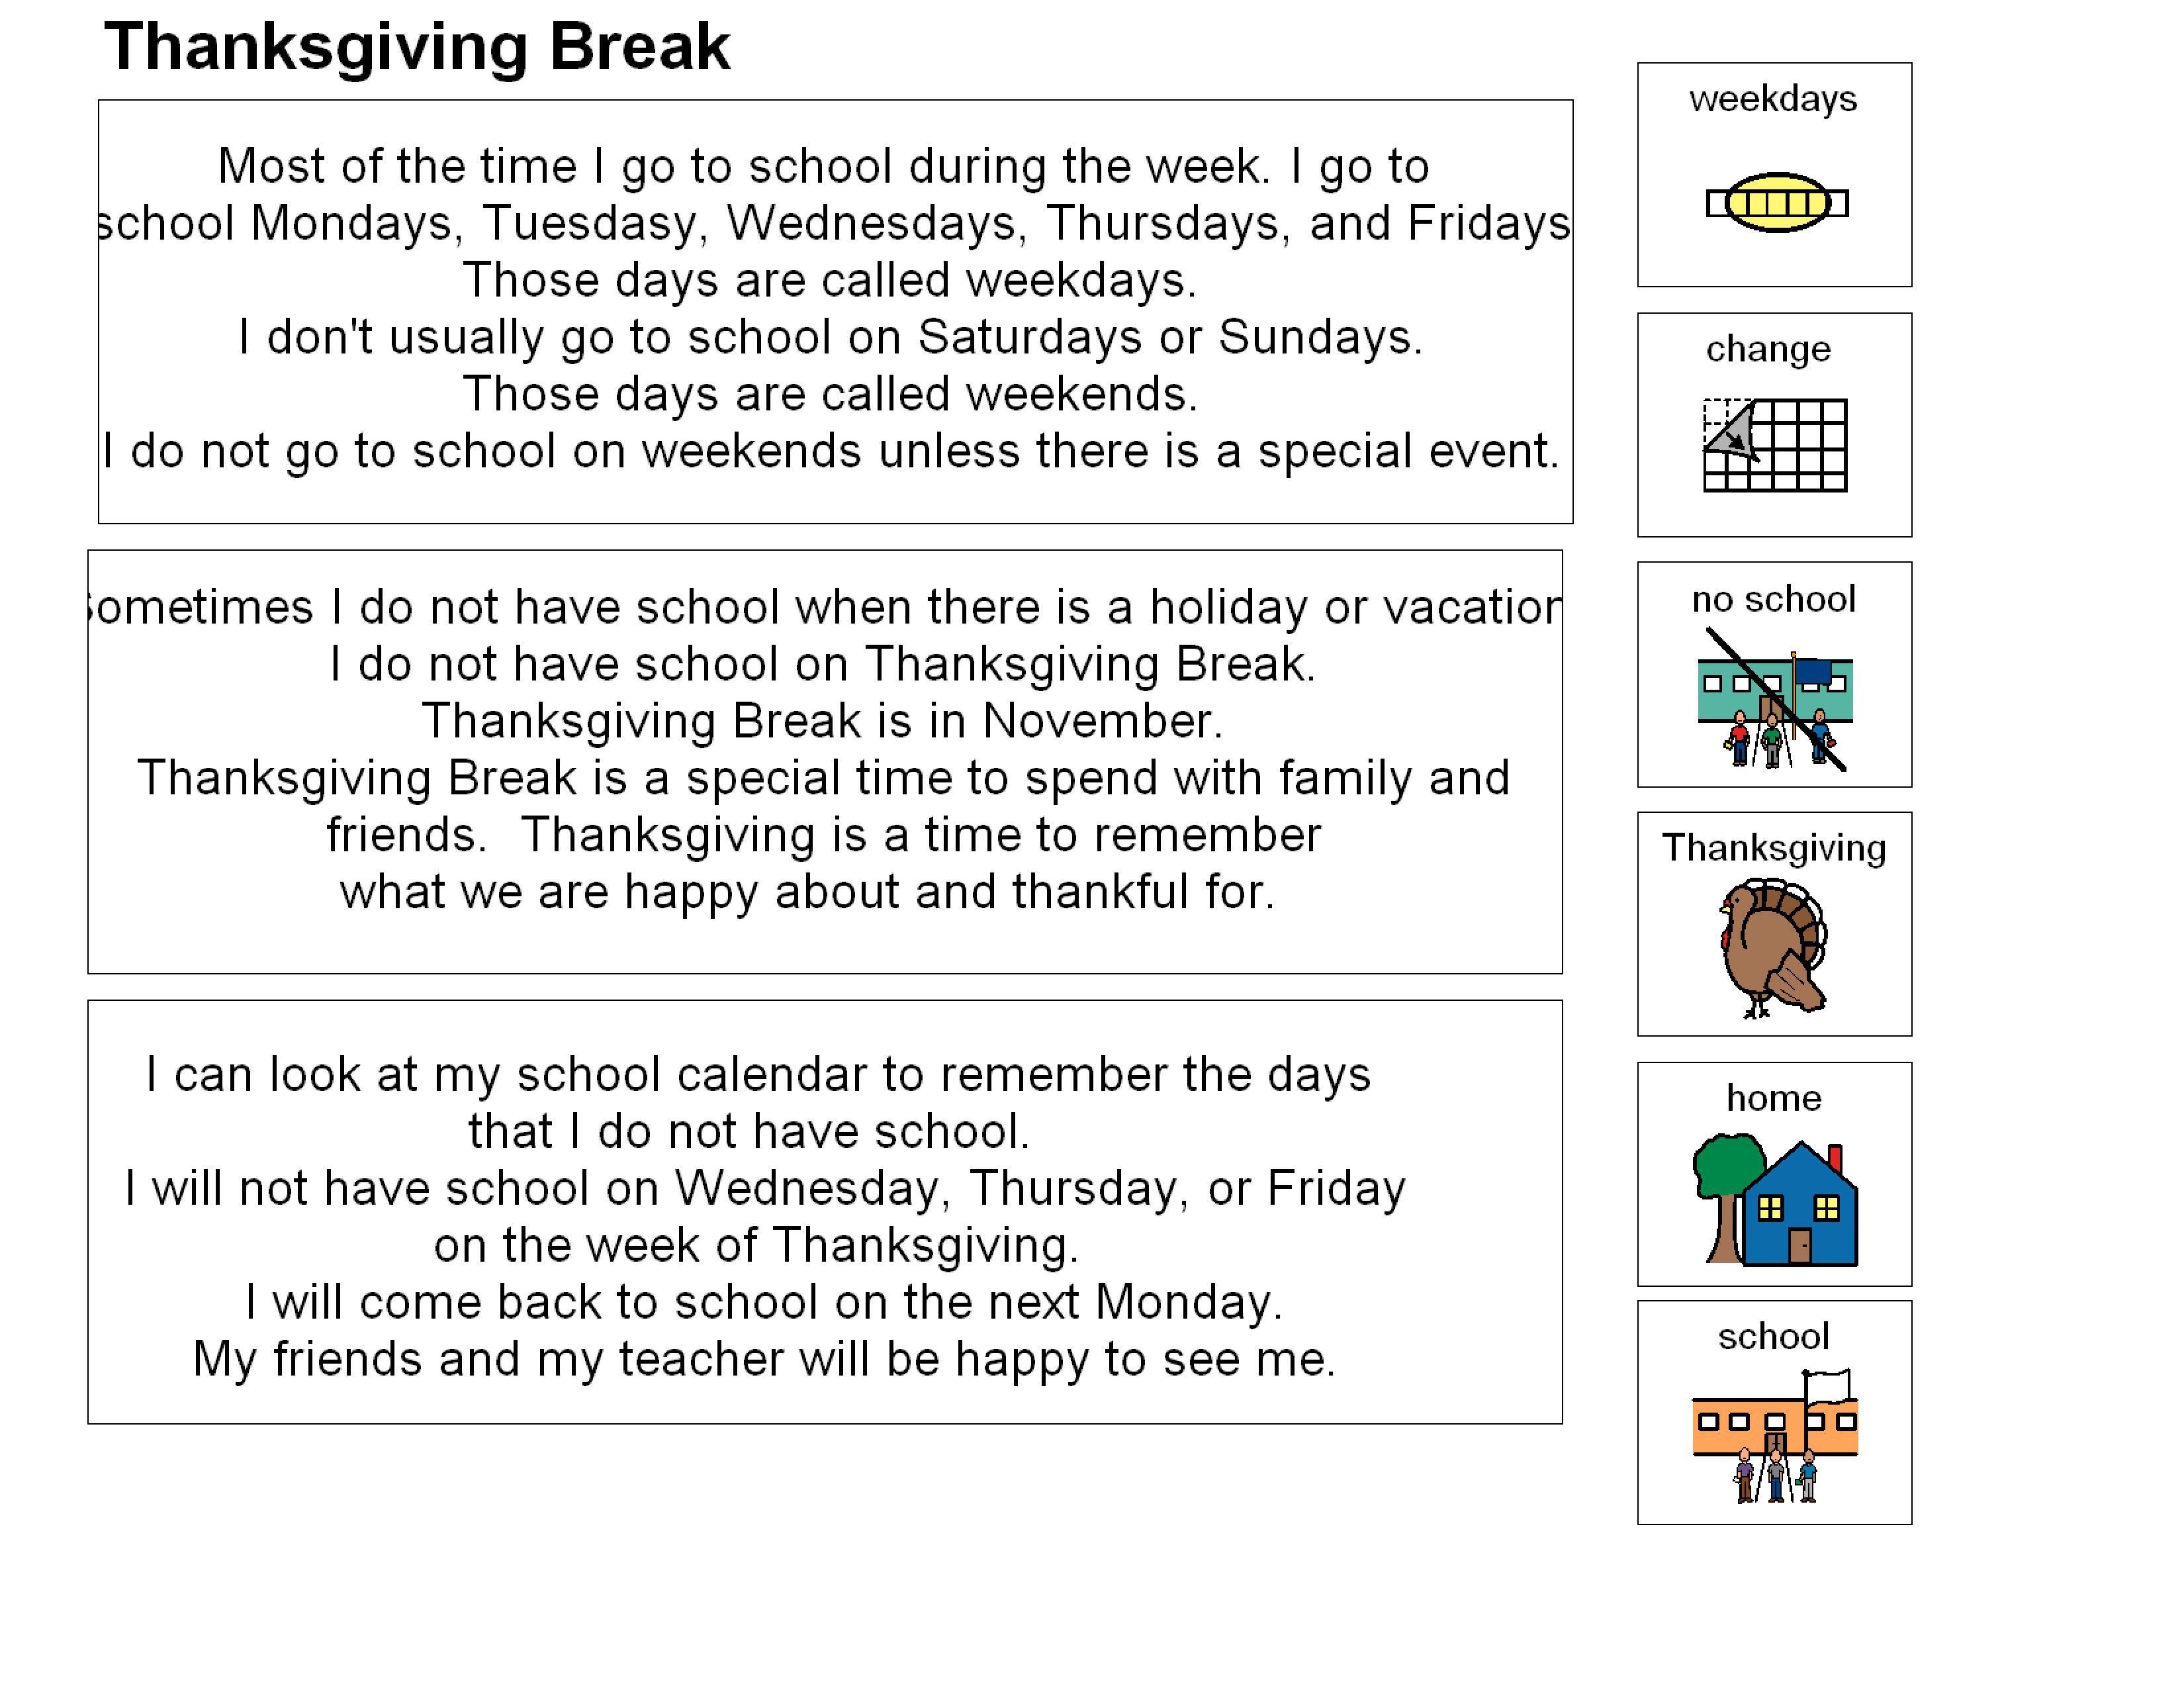 Thanksgiving Break Social Story